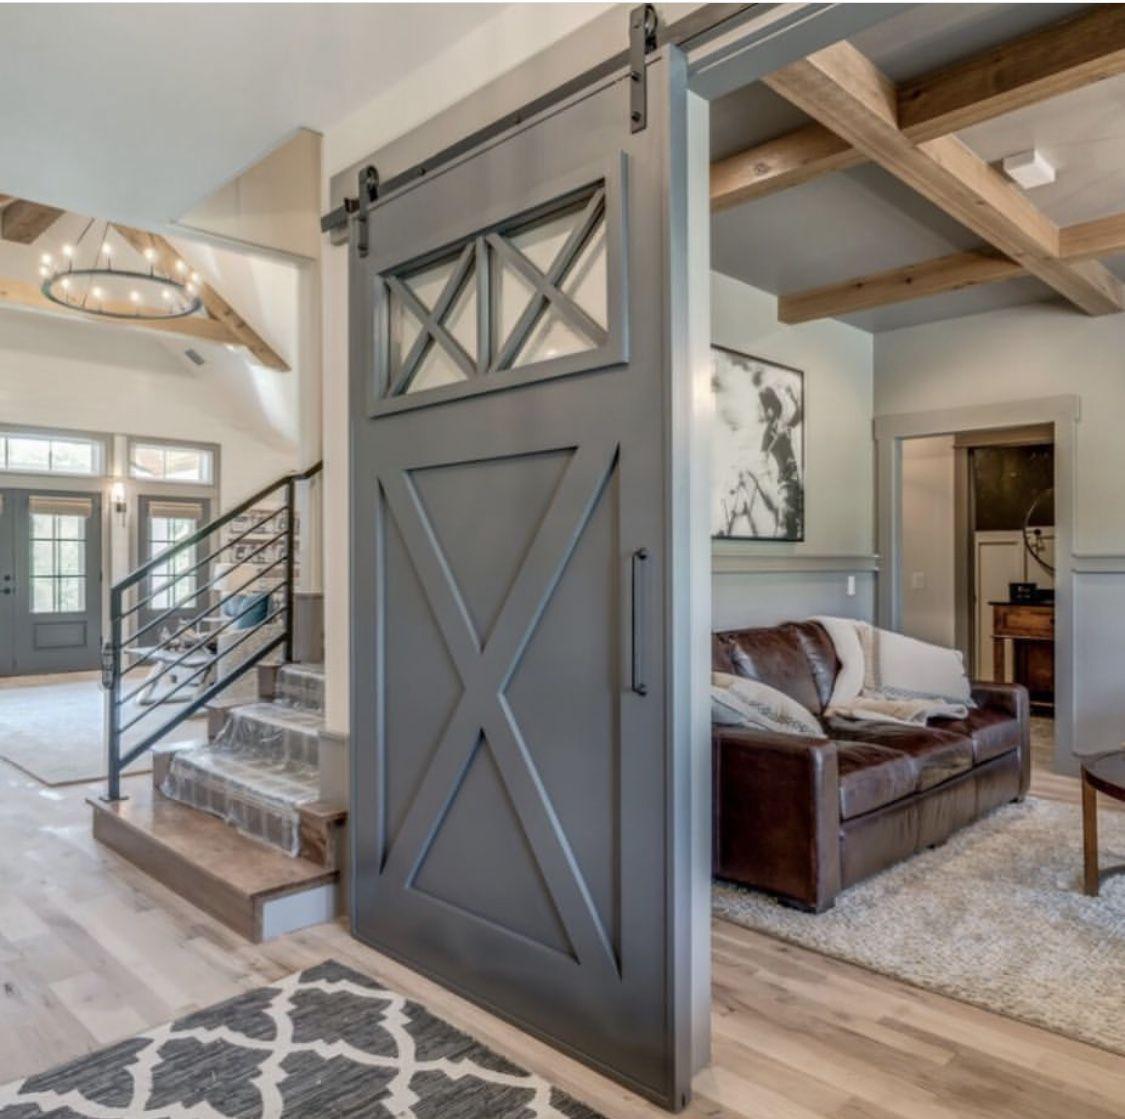 Barn Doors Trend or Timeless